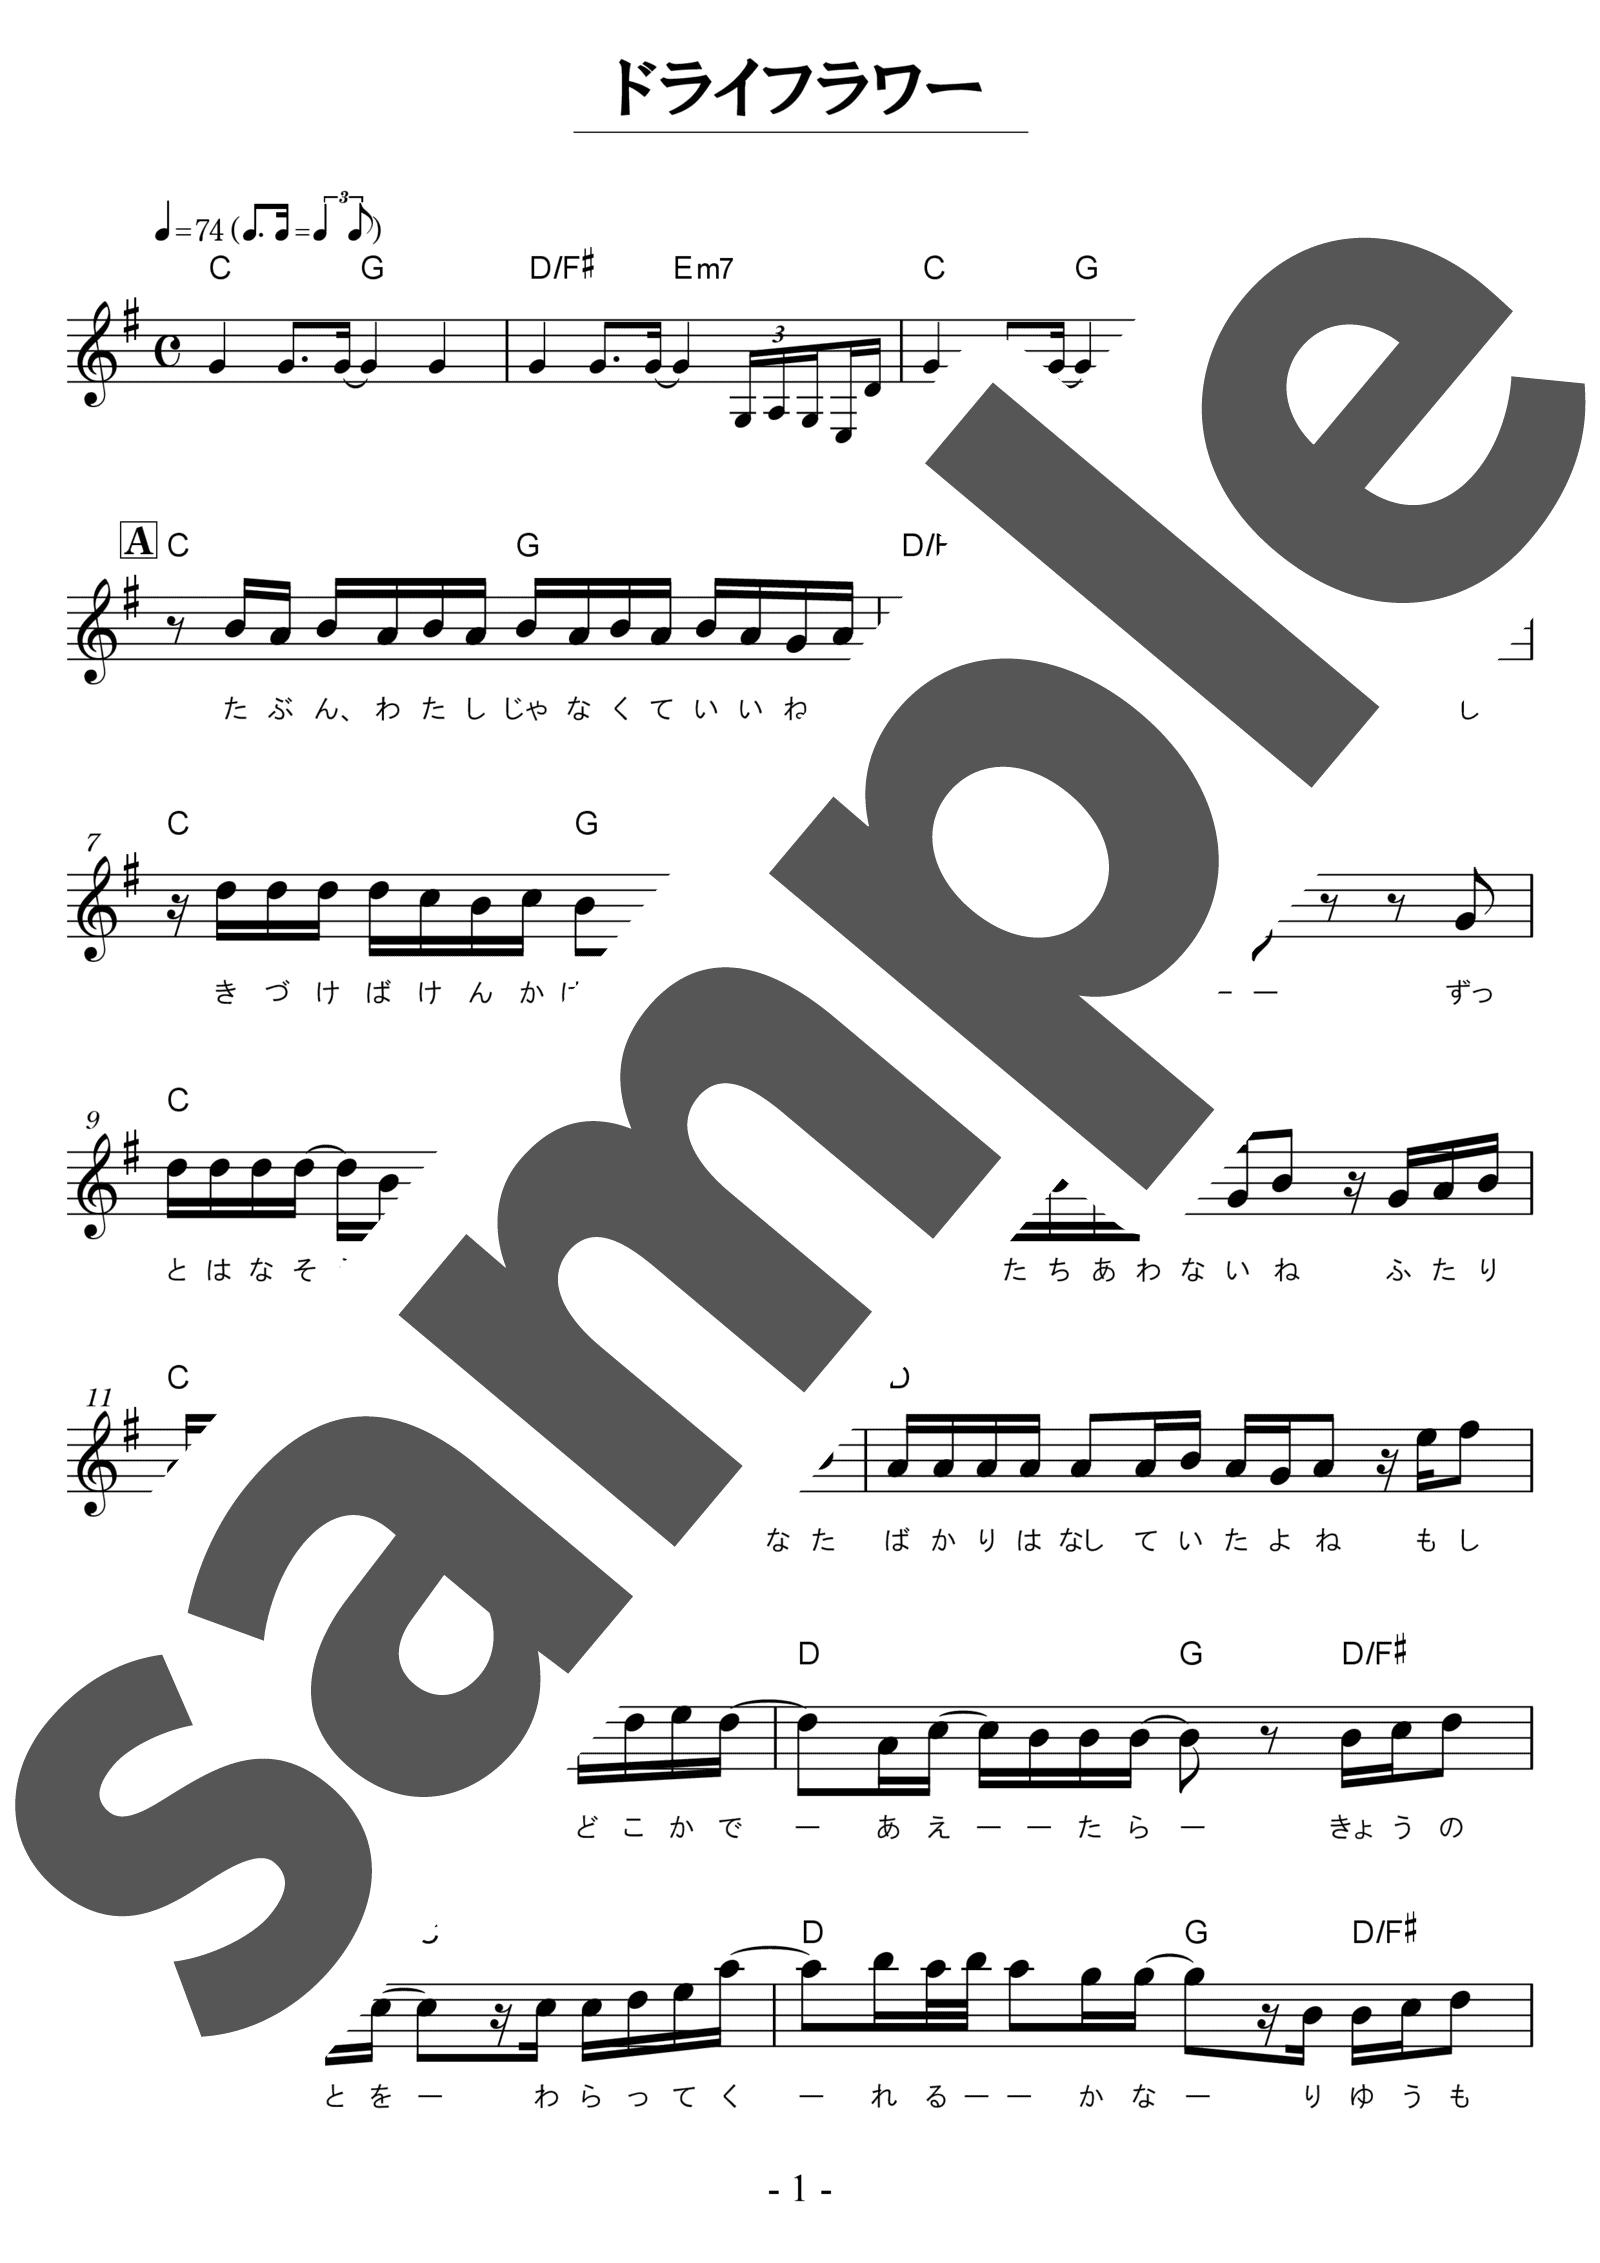 「ドライフラワー」のサンプル楽譜